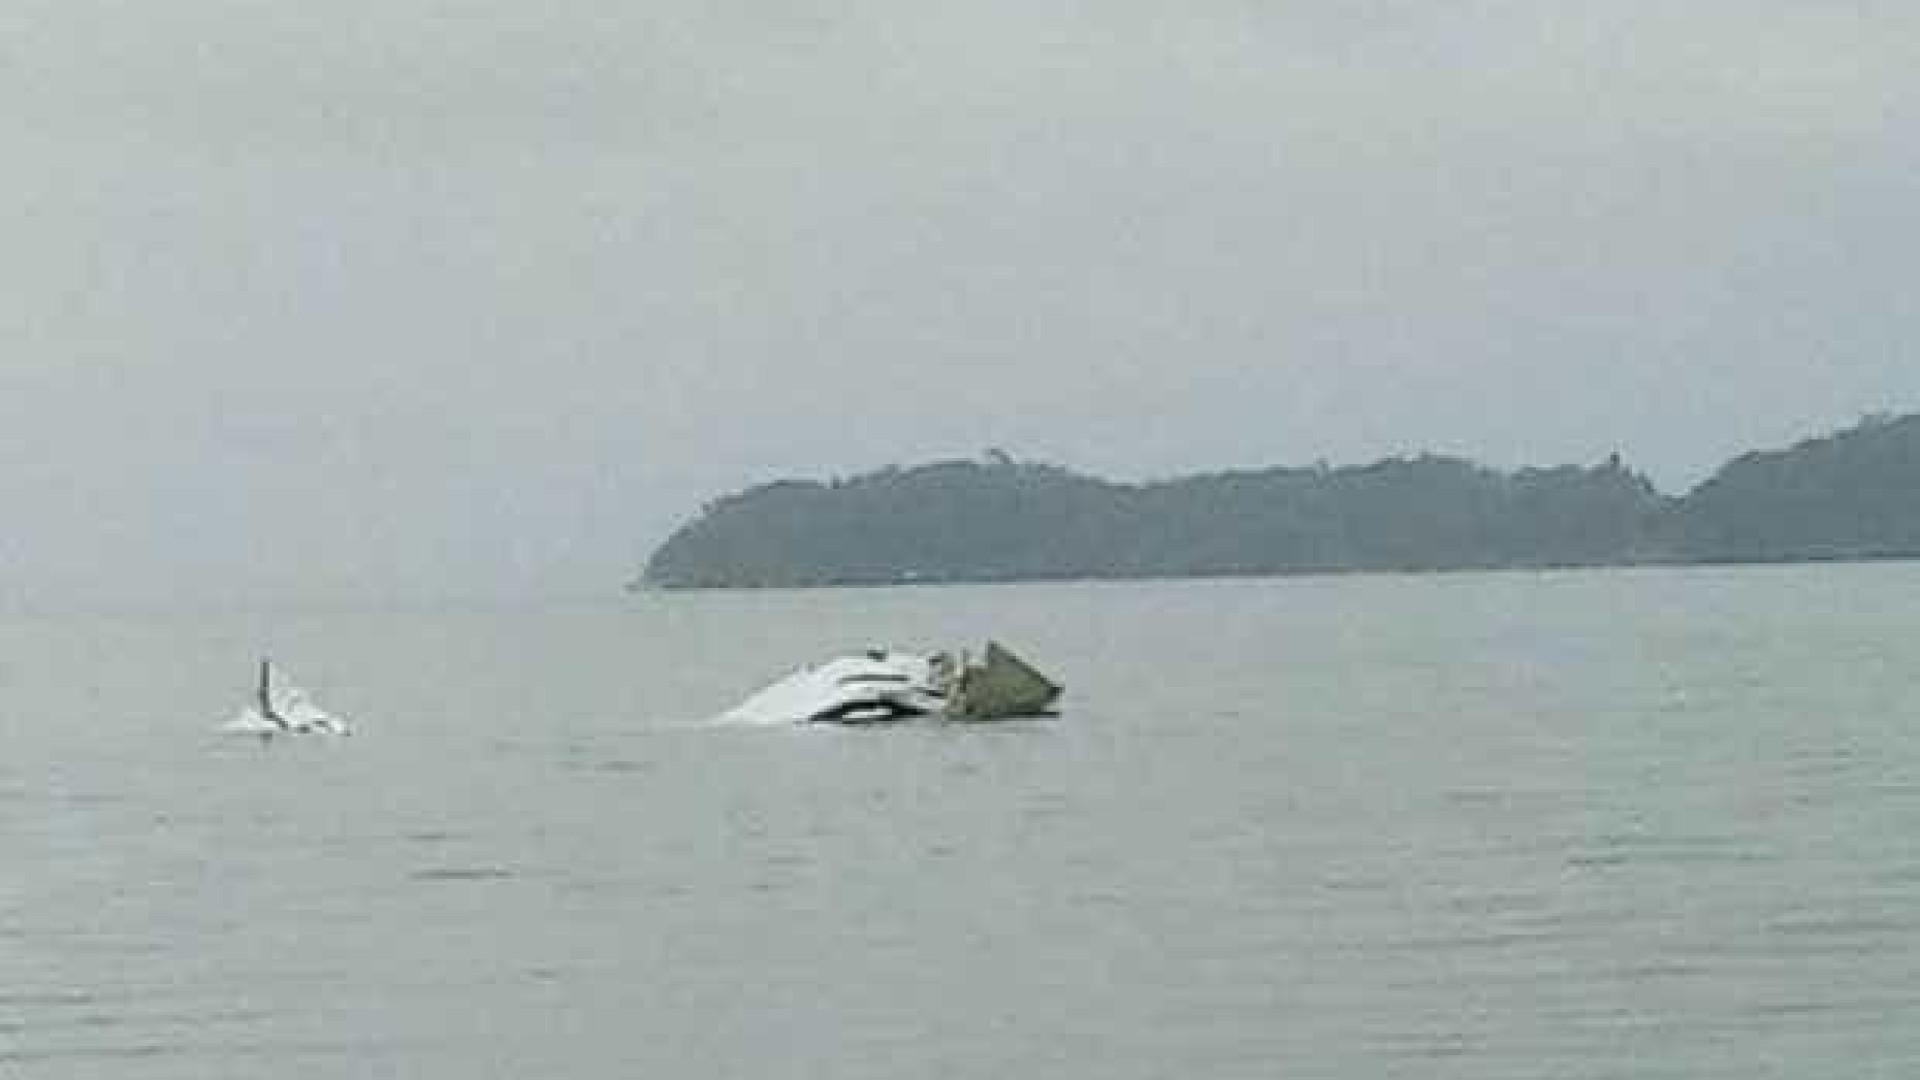 Avião decola de São Paulo e cai no mar do Rio de Janeiro